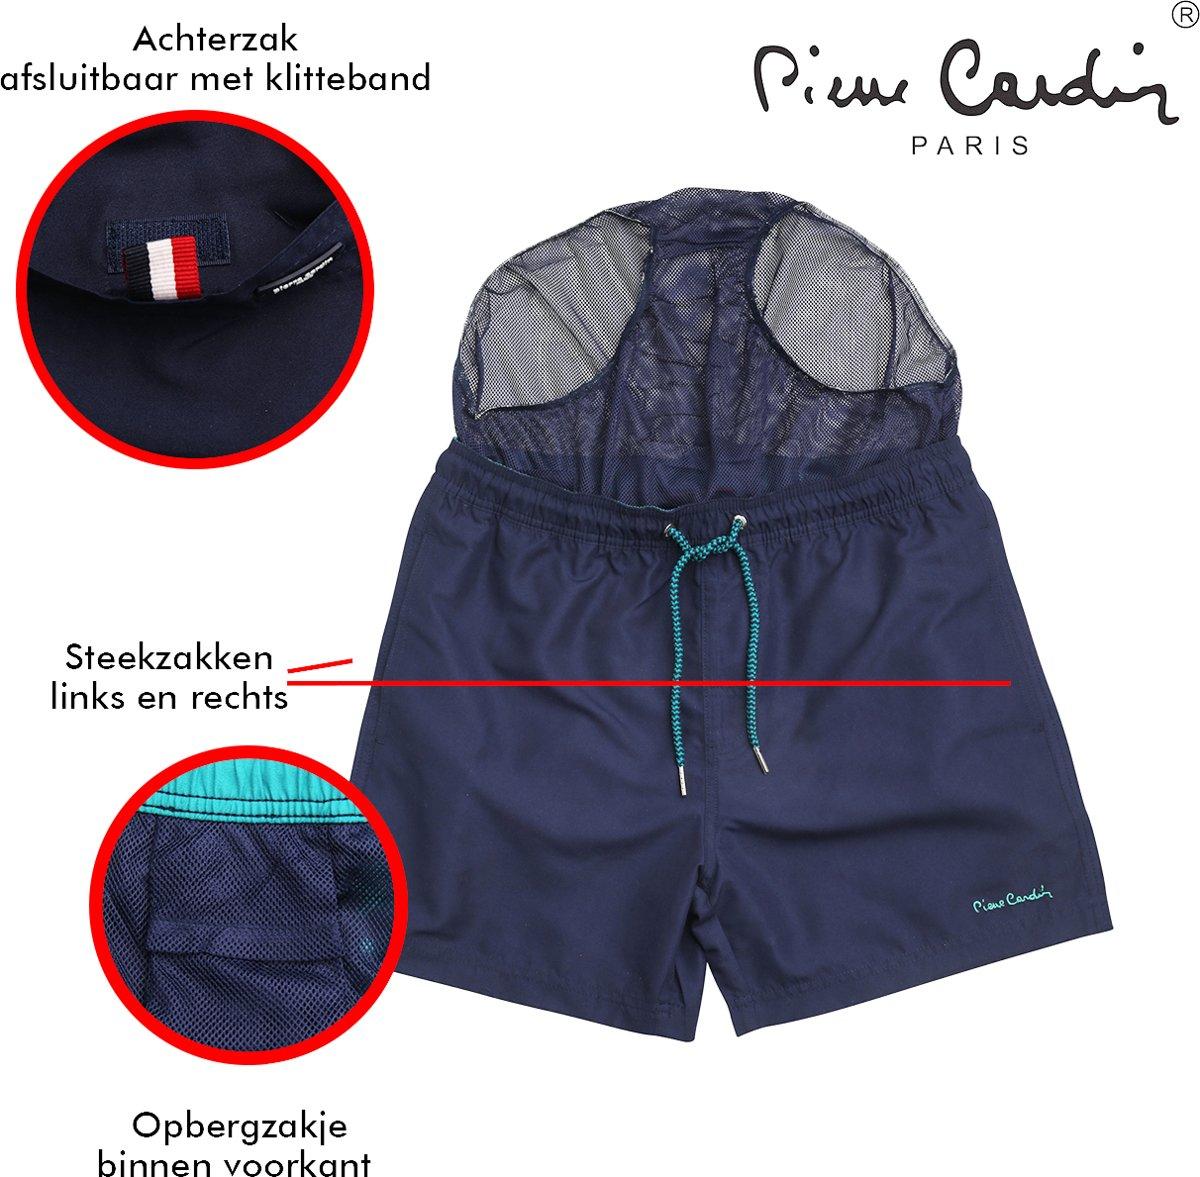 7afc6e1092ff1c bol.com | Pierre Cardin zwembroek - navy - maat XXL - zwemshort